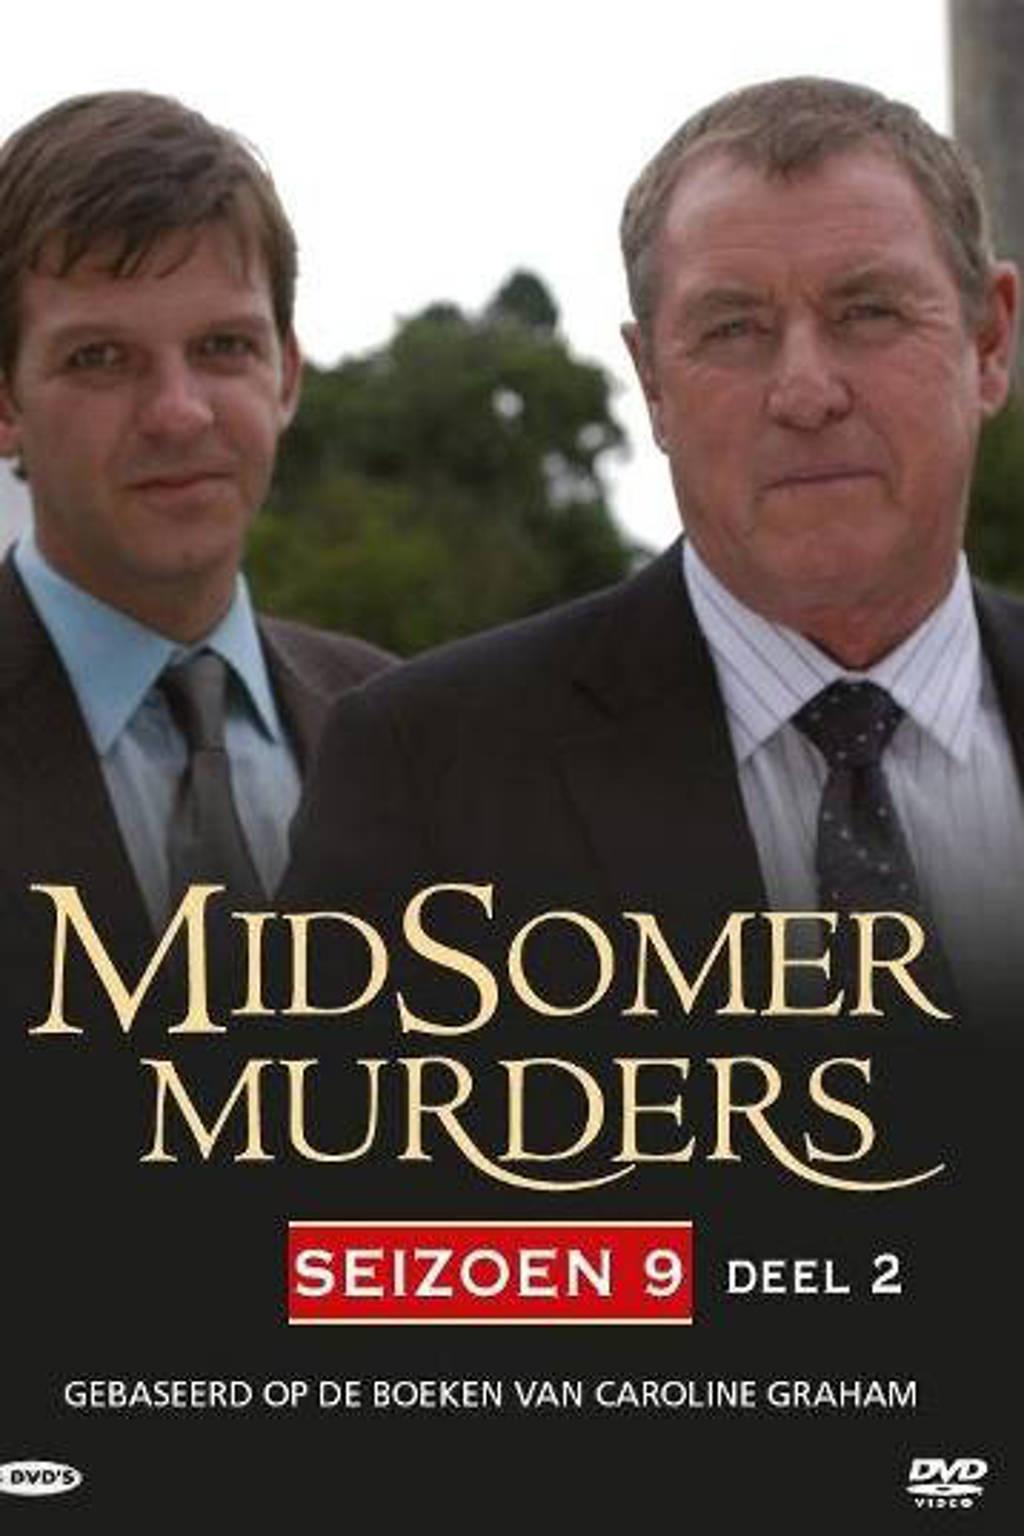 Midsomer murders - Seizoen 9 deel 2 (DVD)